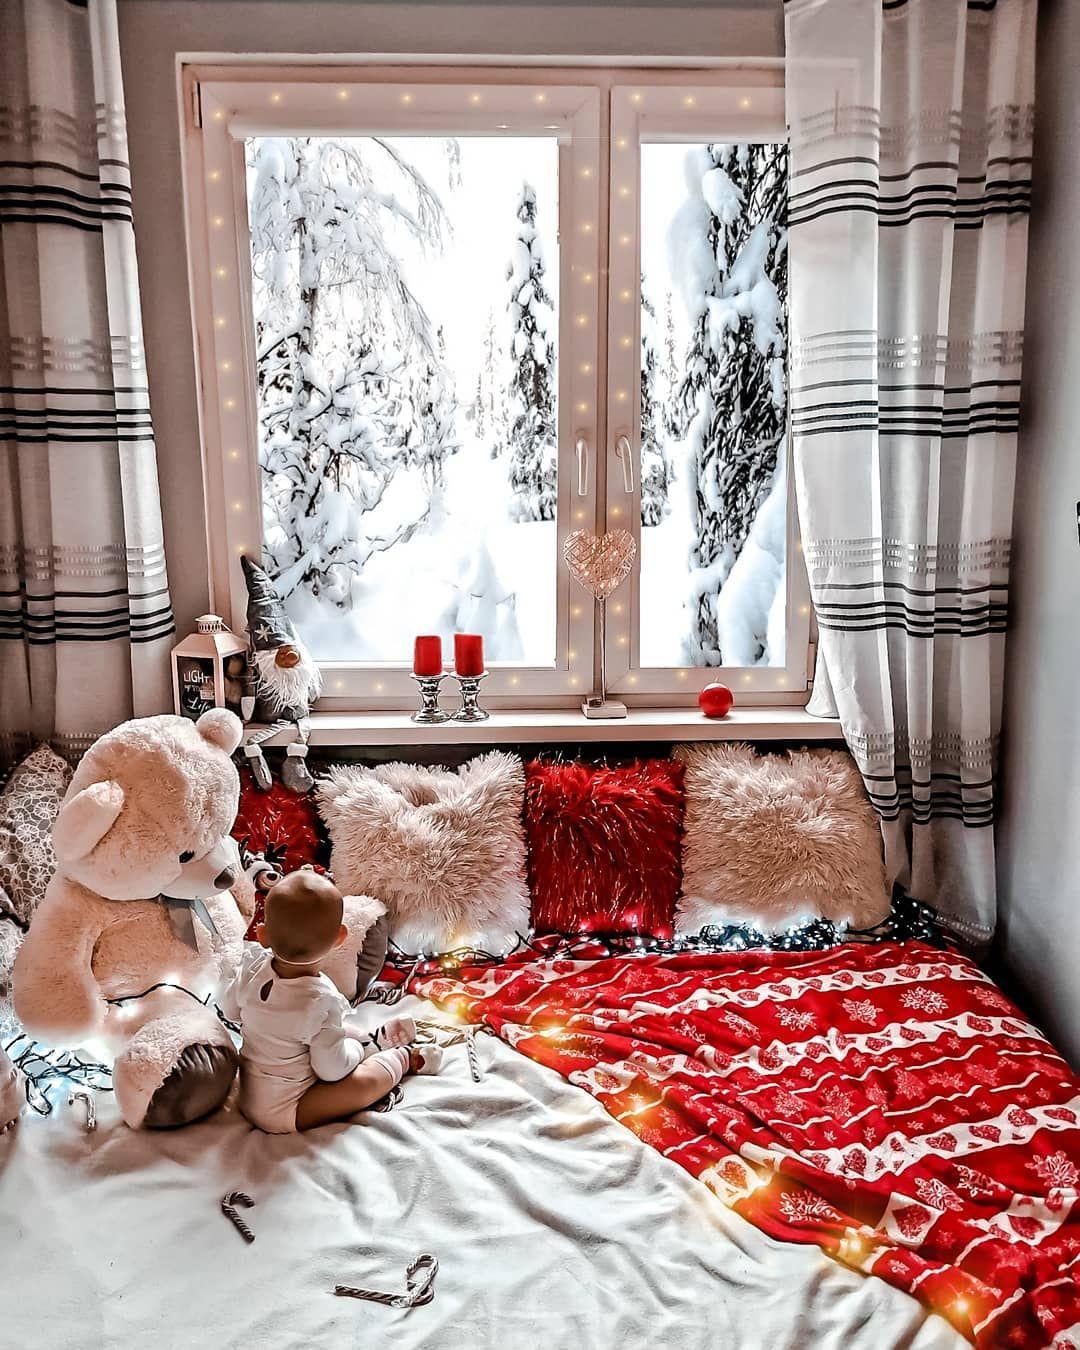 Dzień dobry  jak ja uwielbiam ten klimat. Wyciagasz światełka i piękne zdjecia w... #baby #christmas #christmasdecor #Christmasgoals #christmasiscoming #christmasmagic #córeczka